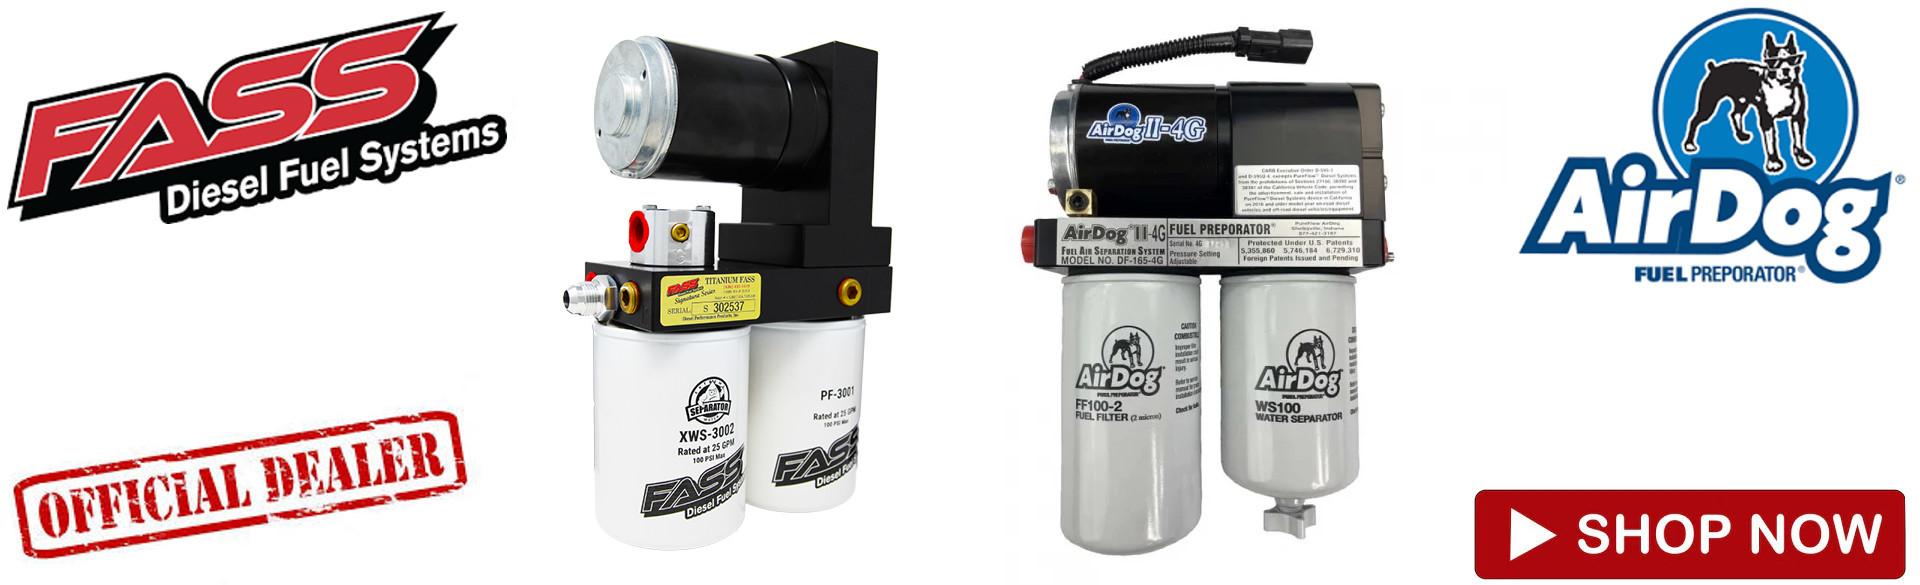 GM Fass Pump Diesel